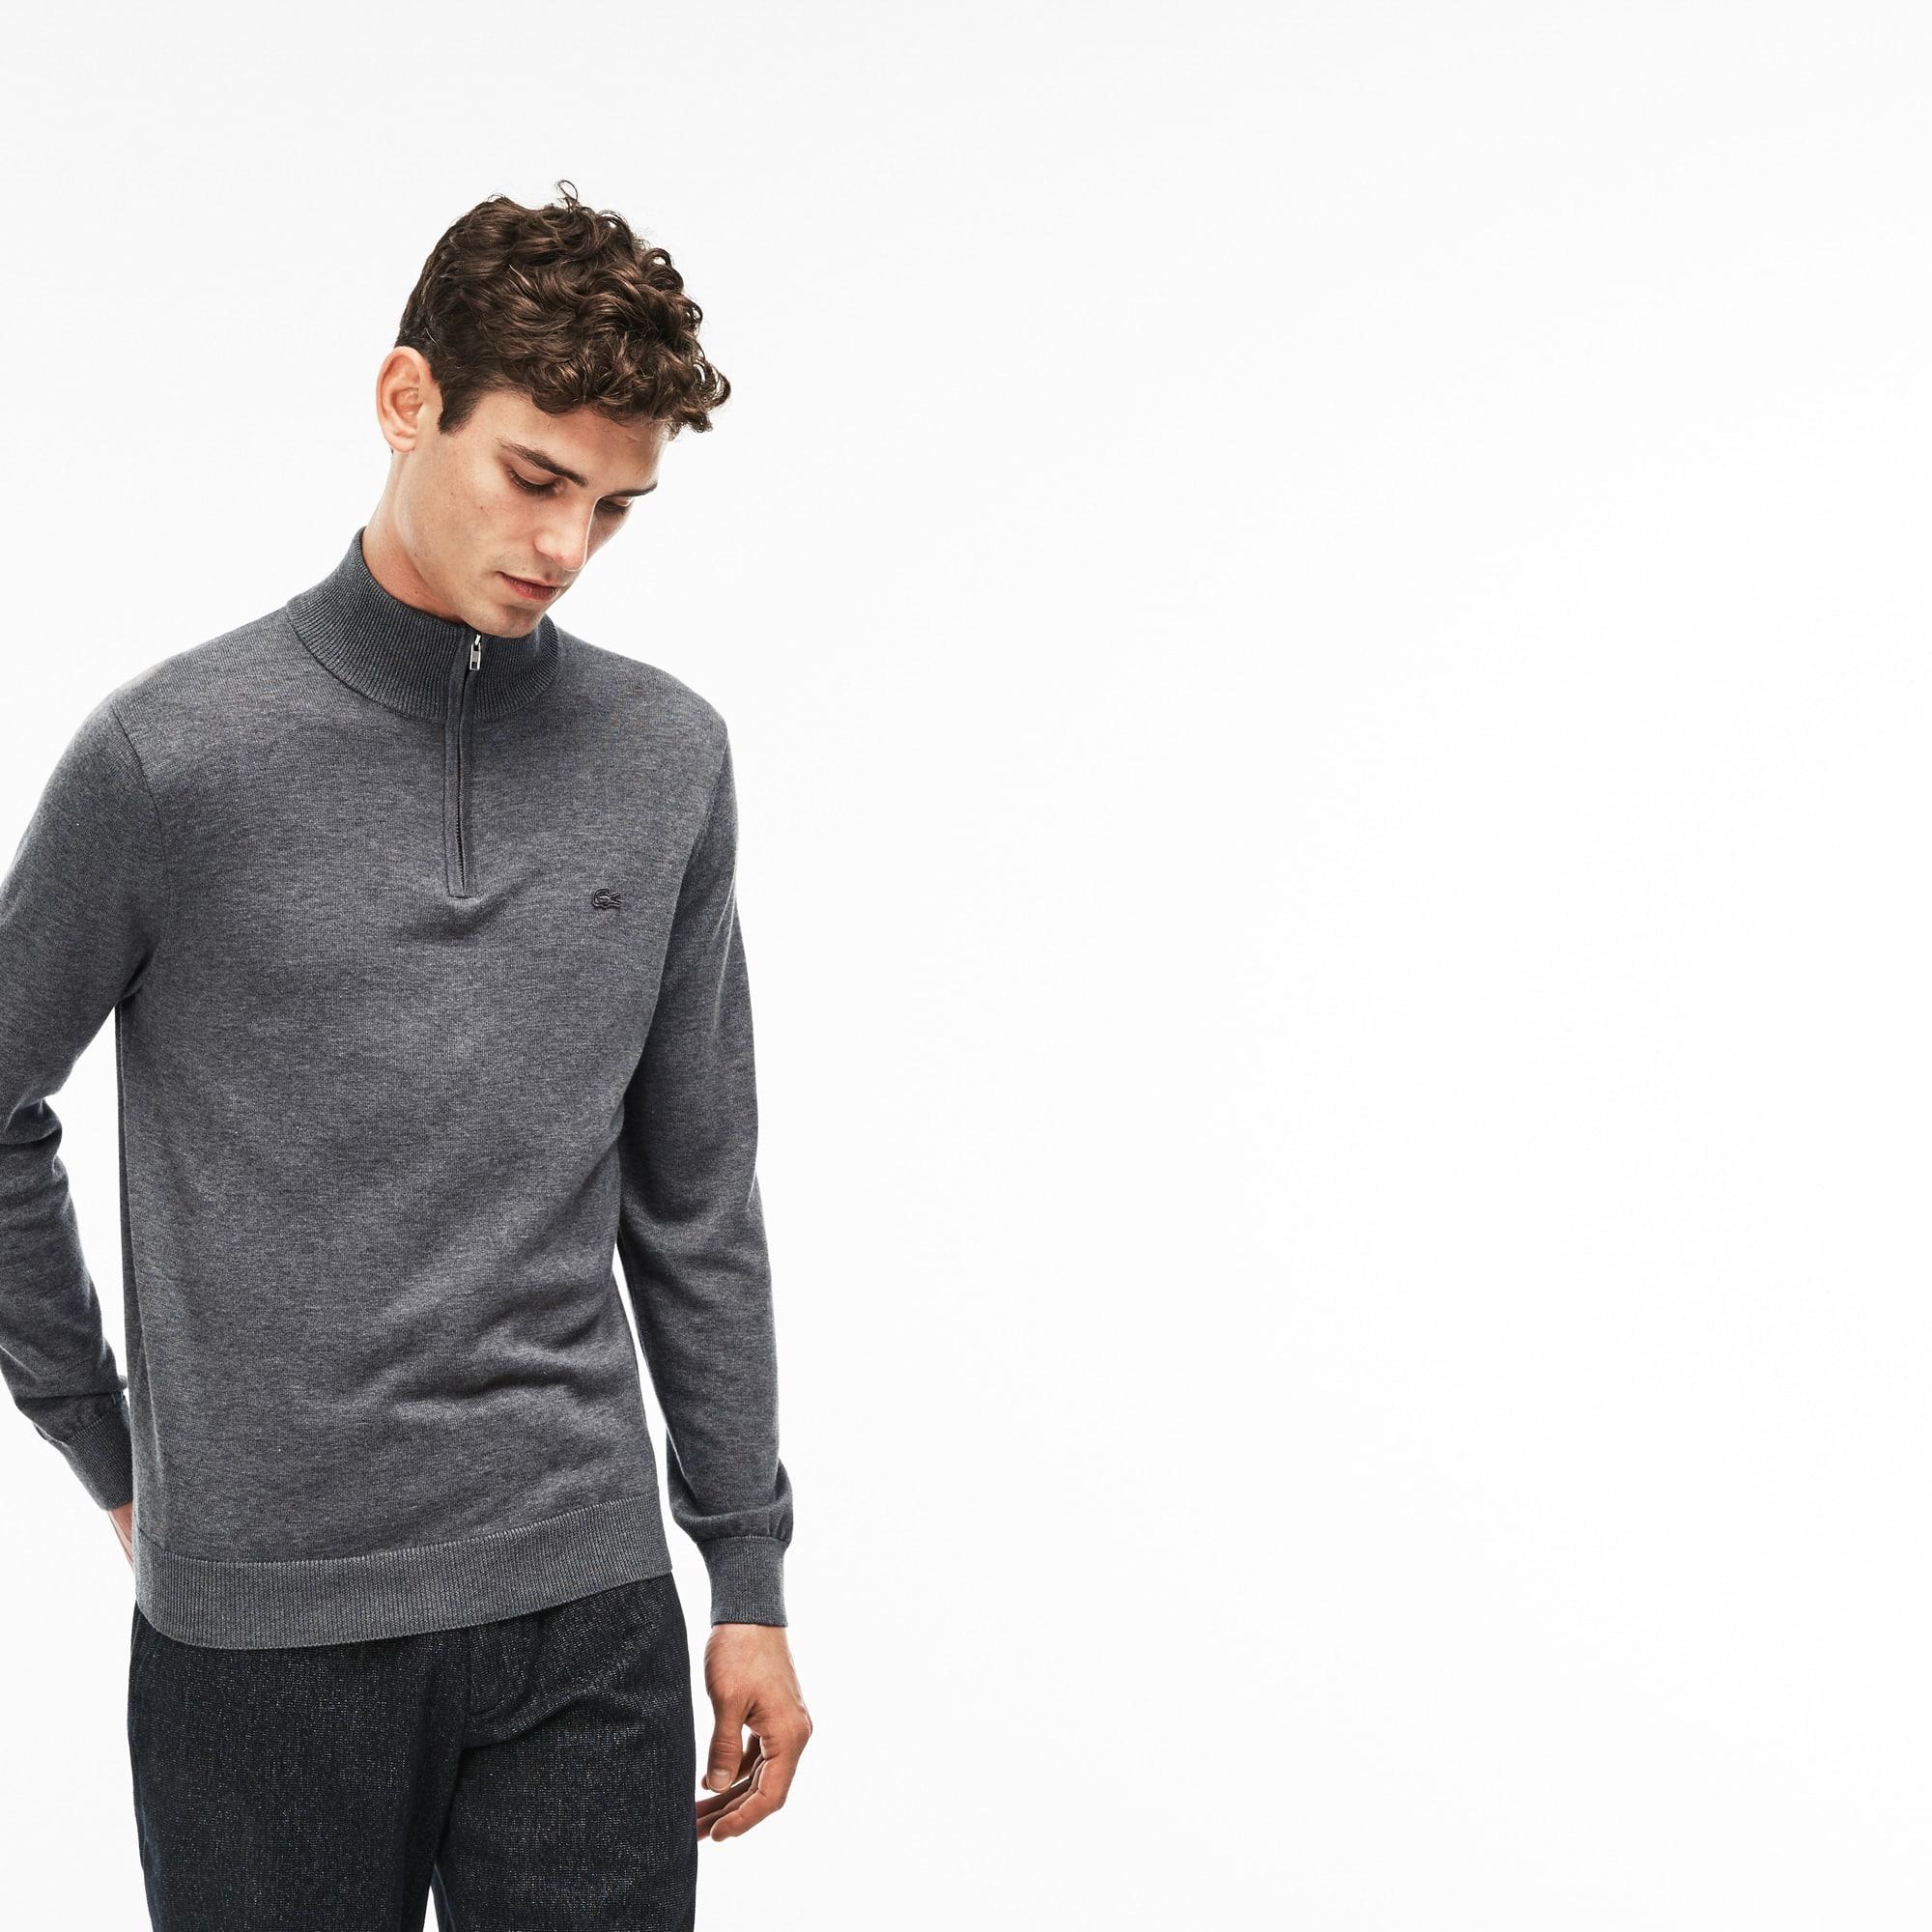 Men's Zip Jersey Sweater